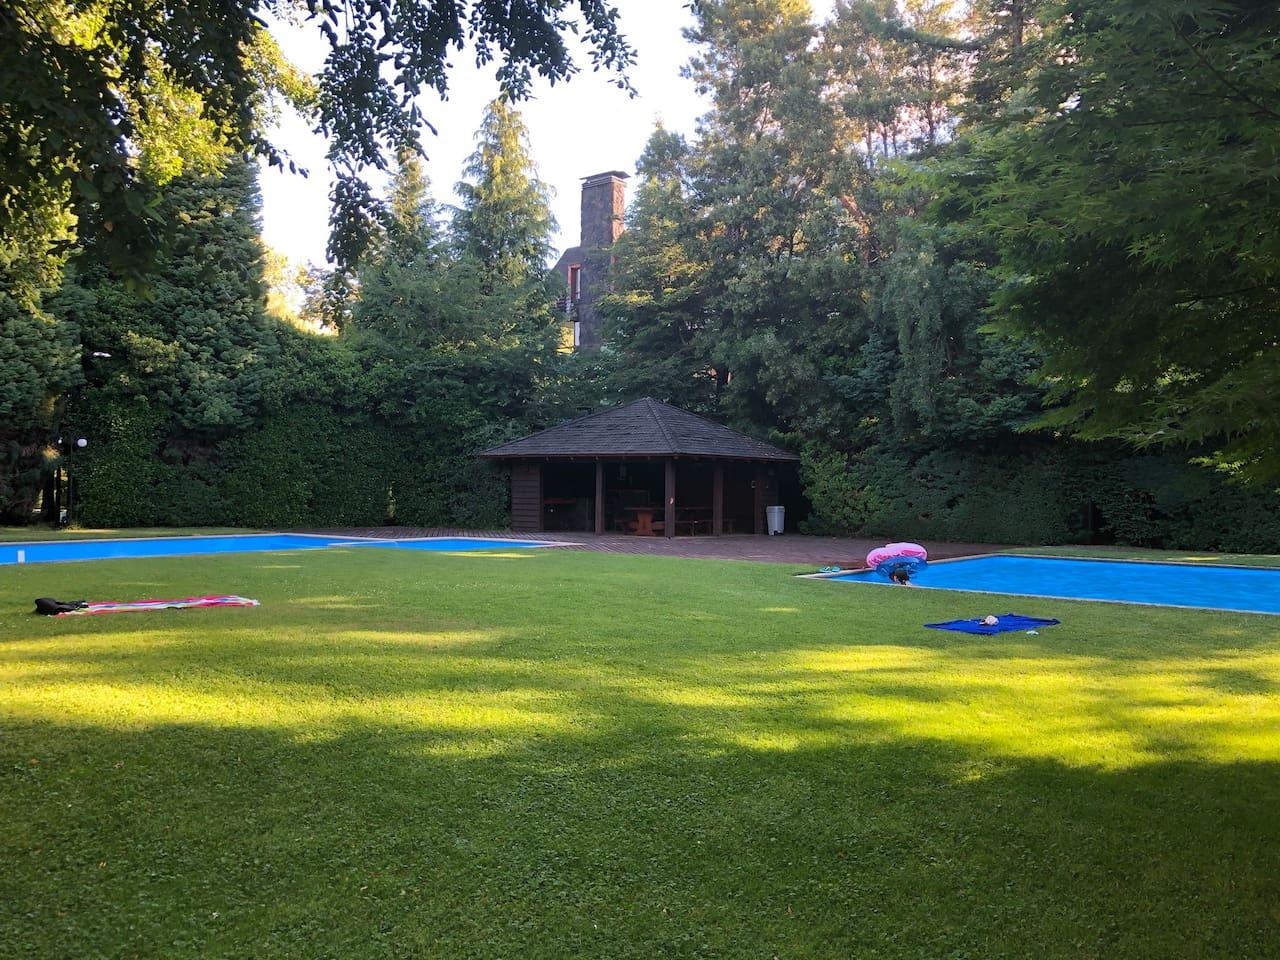 Lugares comunes en perfectas condiciones  Dos piscinas grandes  Quincho  Vegetación y césped  ideal para niños pequeños